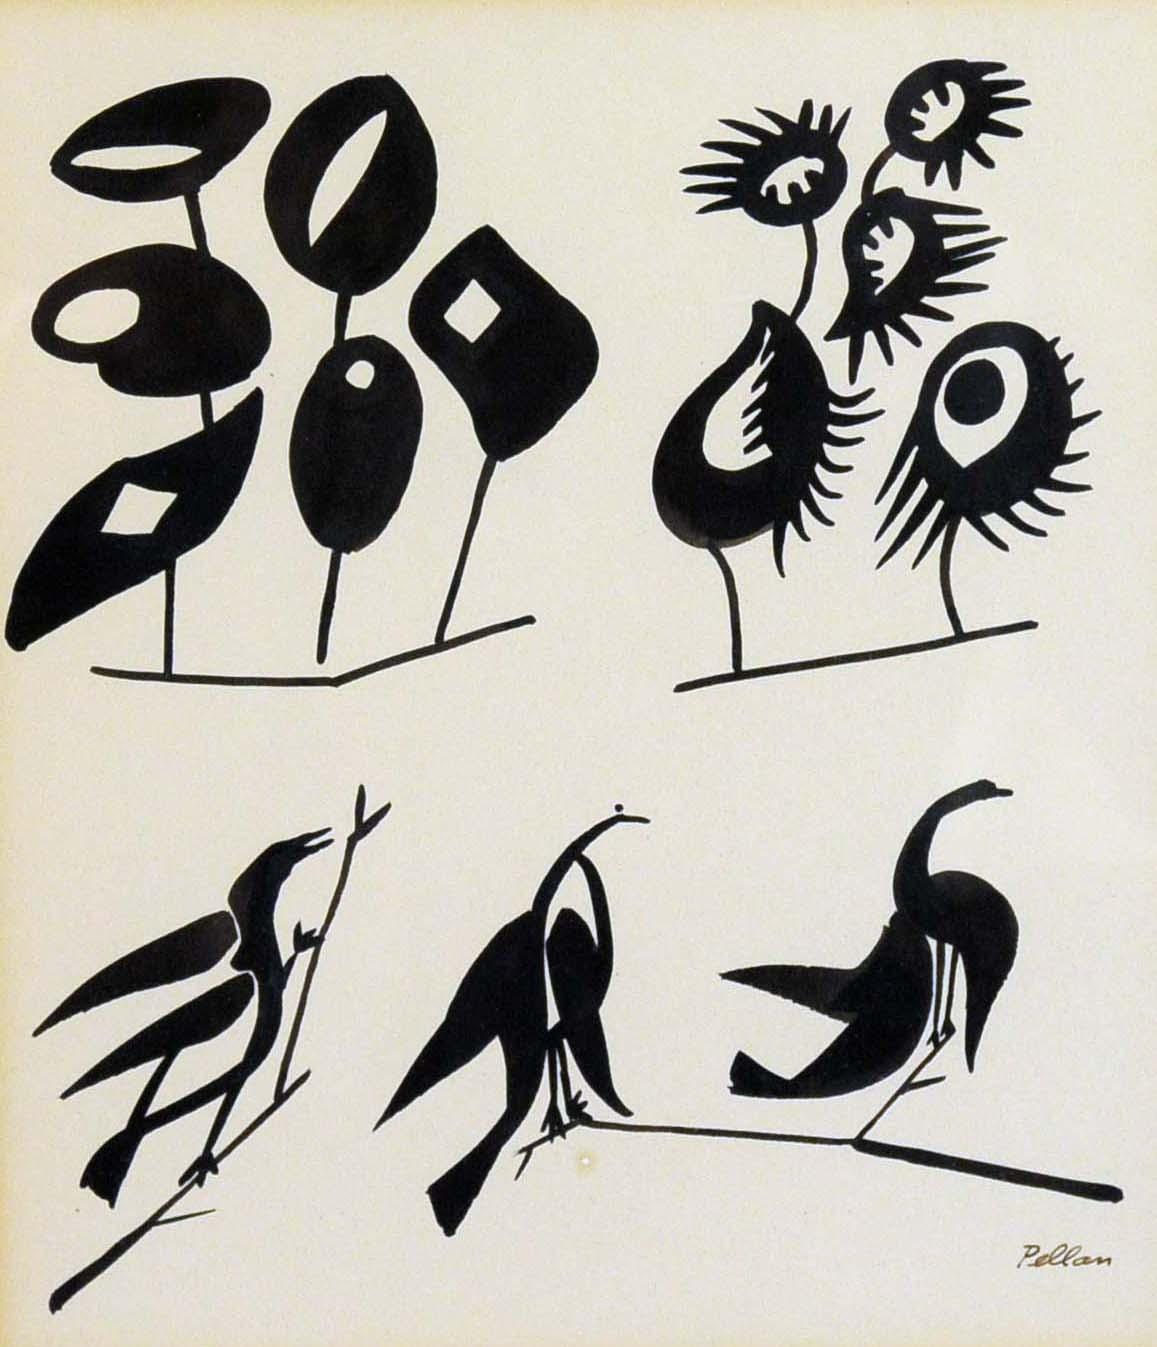 Les oiseaux aux bouquets (c. 1950) - Alfred Pellan